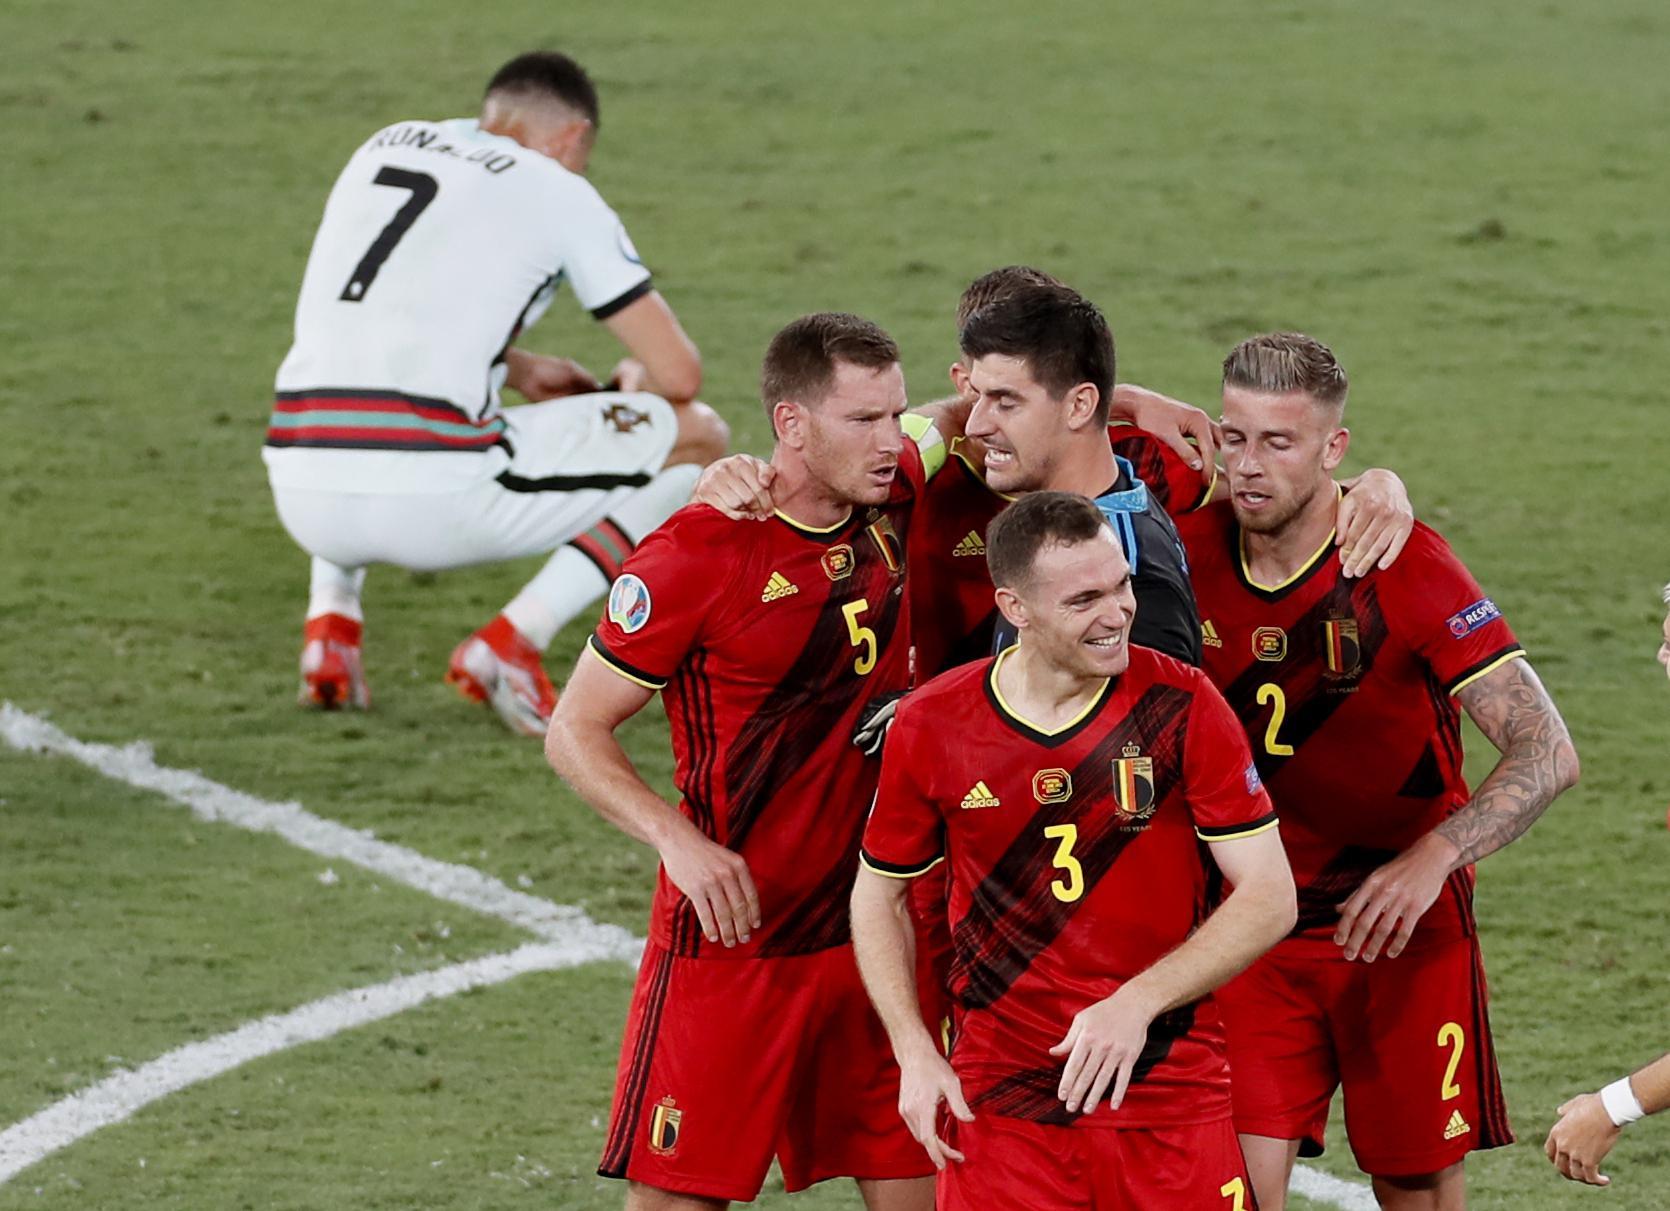 Belgium edges Portugal, reaches quarterfinals at Euro 2020